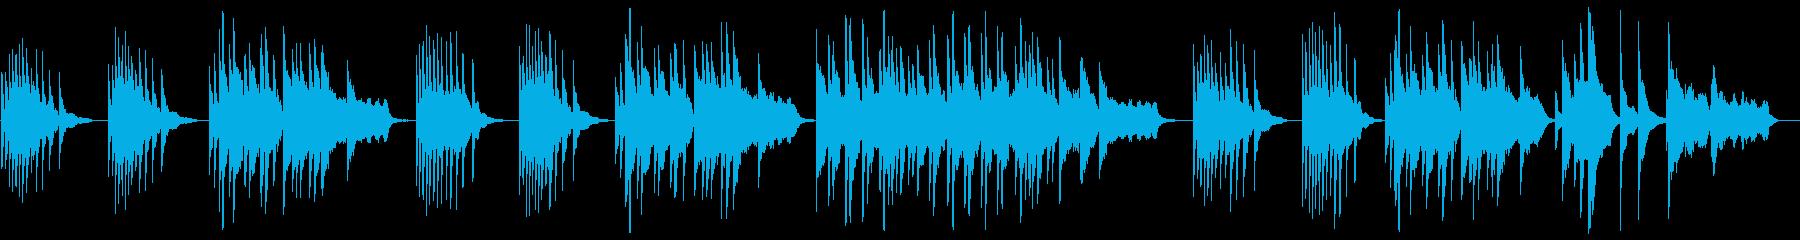 ピアノで奏でるヒーリングミュージックの再生済みの波形